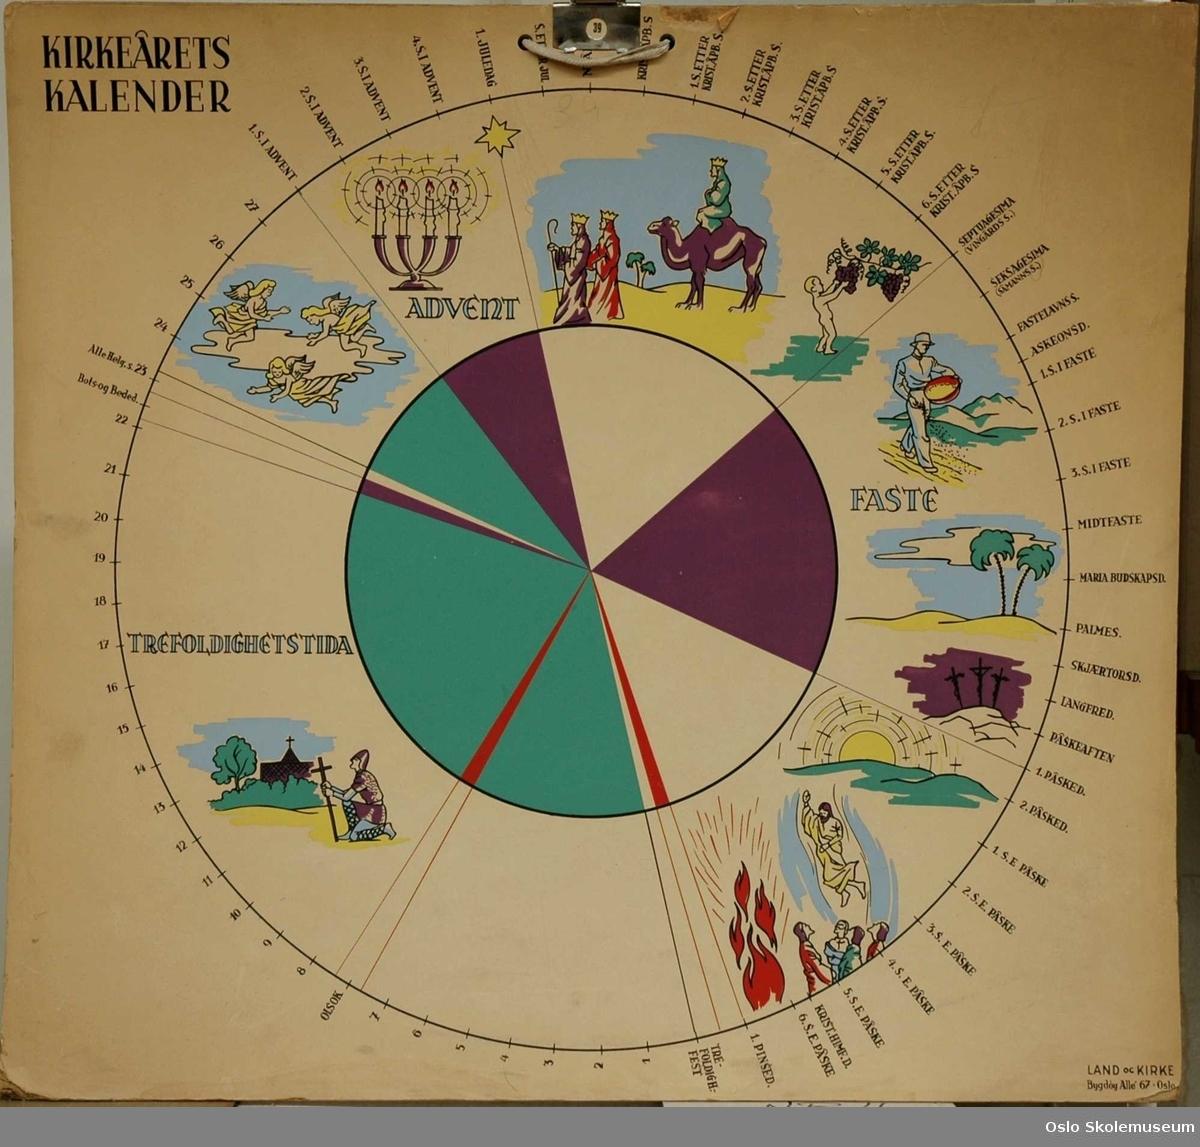 Kirkeåret i sirkel (årshjul).